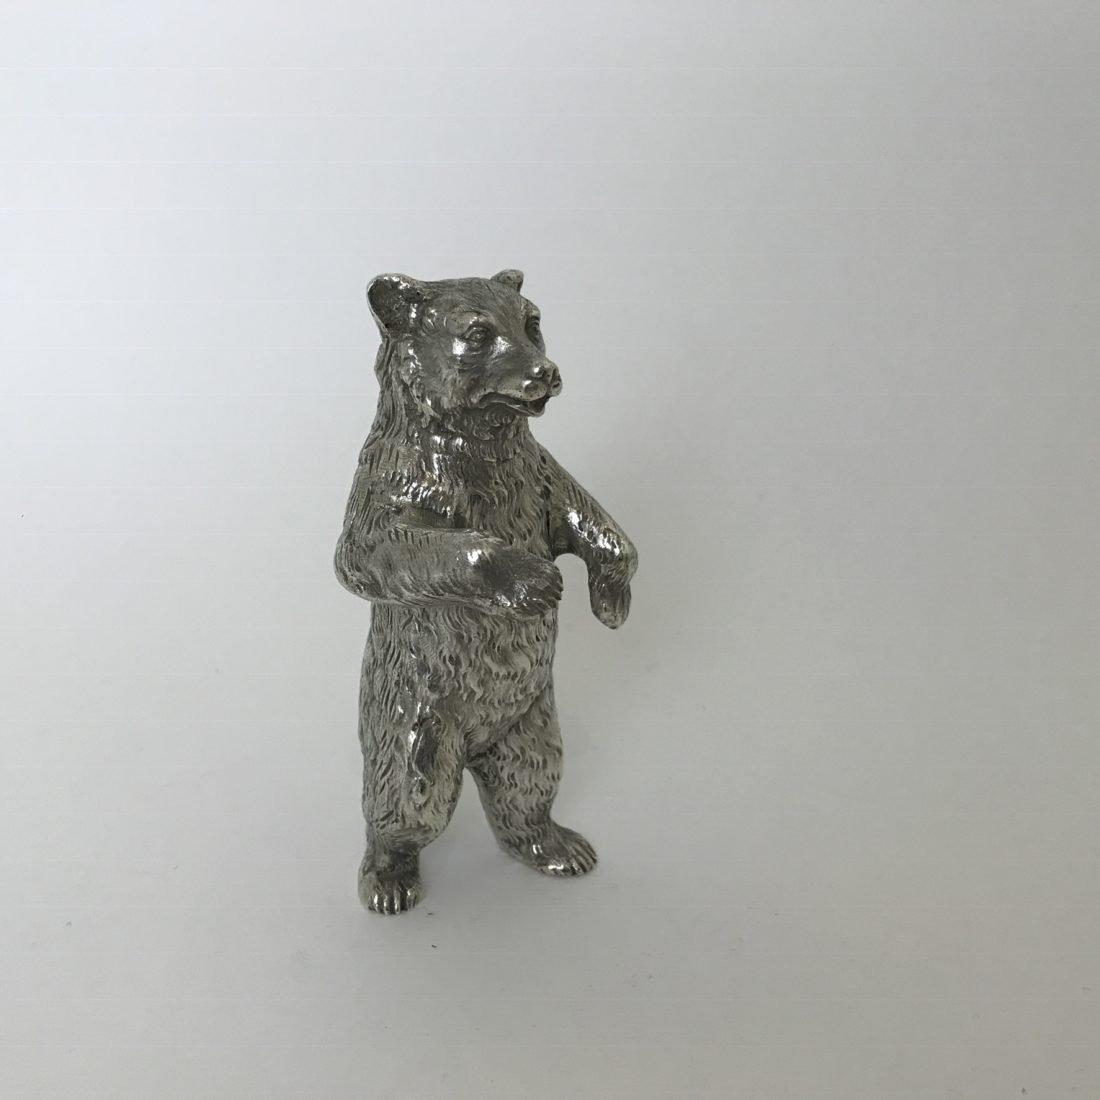 Een groot zilveren tafelstuk in de vorm van een rechtopstaande beer, Duitsland, tweede helft 20e eeuw